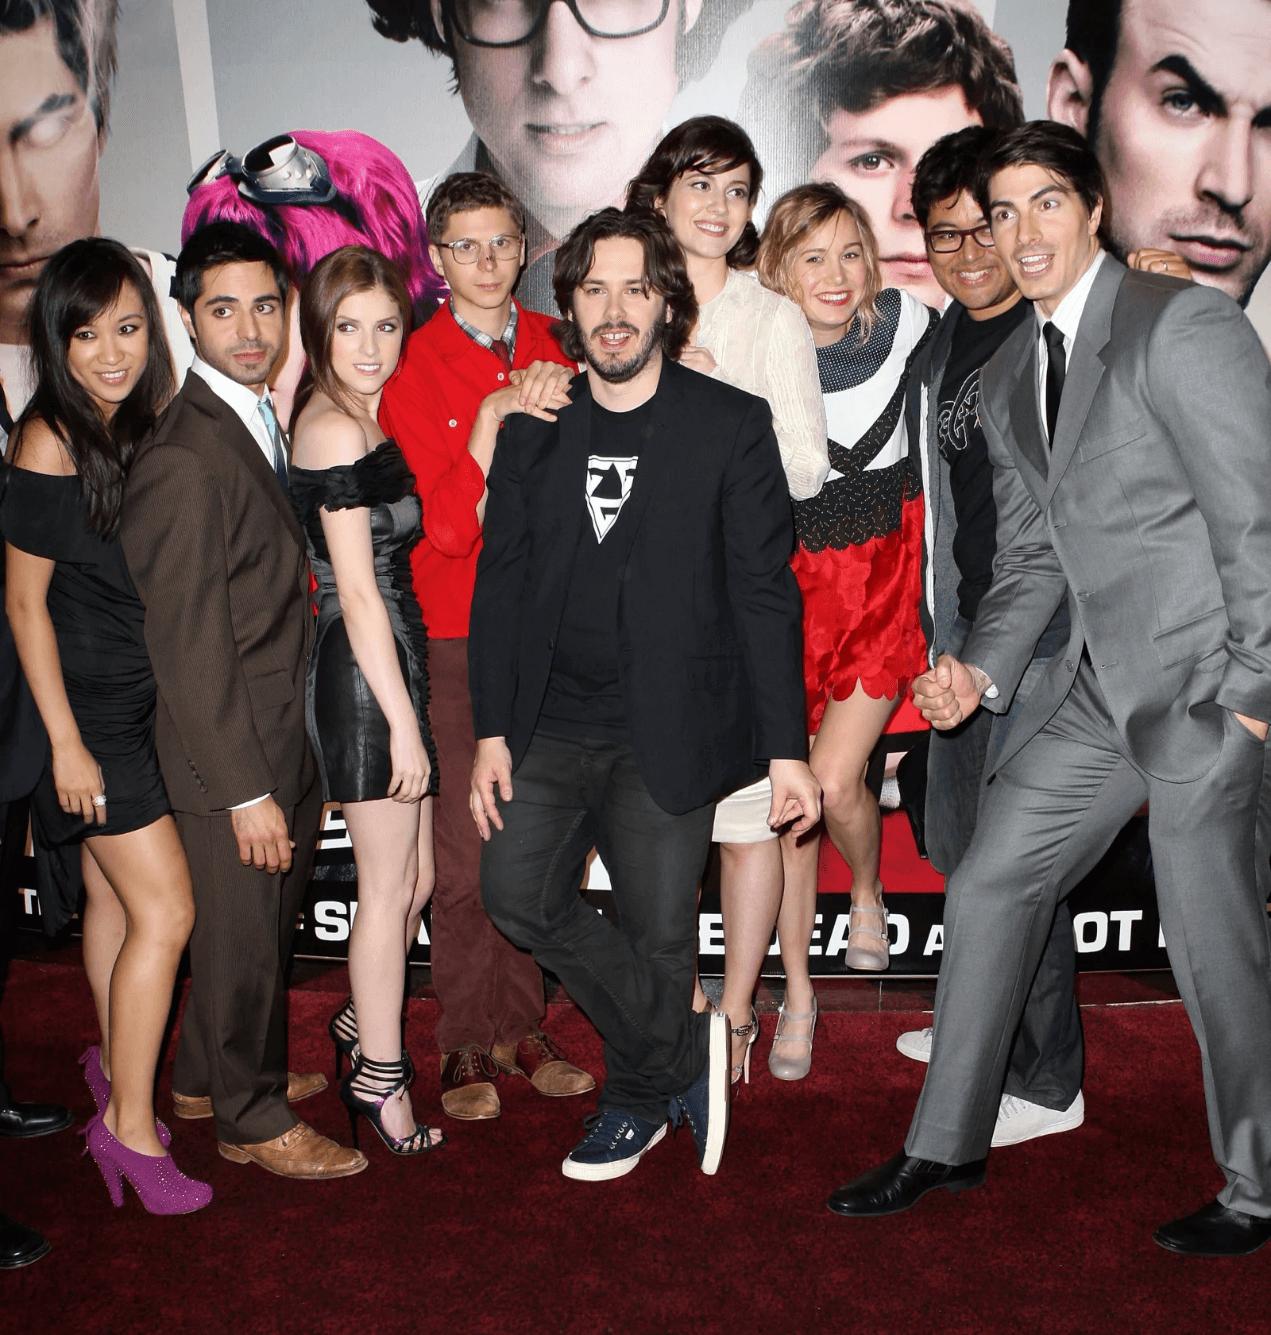 電影《歪小子史考特》首映會上的卡司陣容。